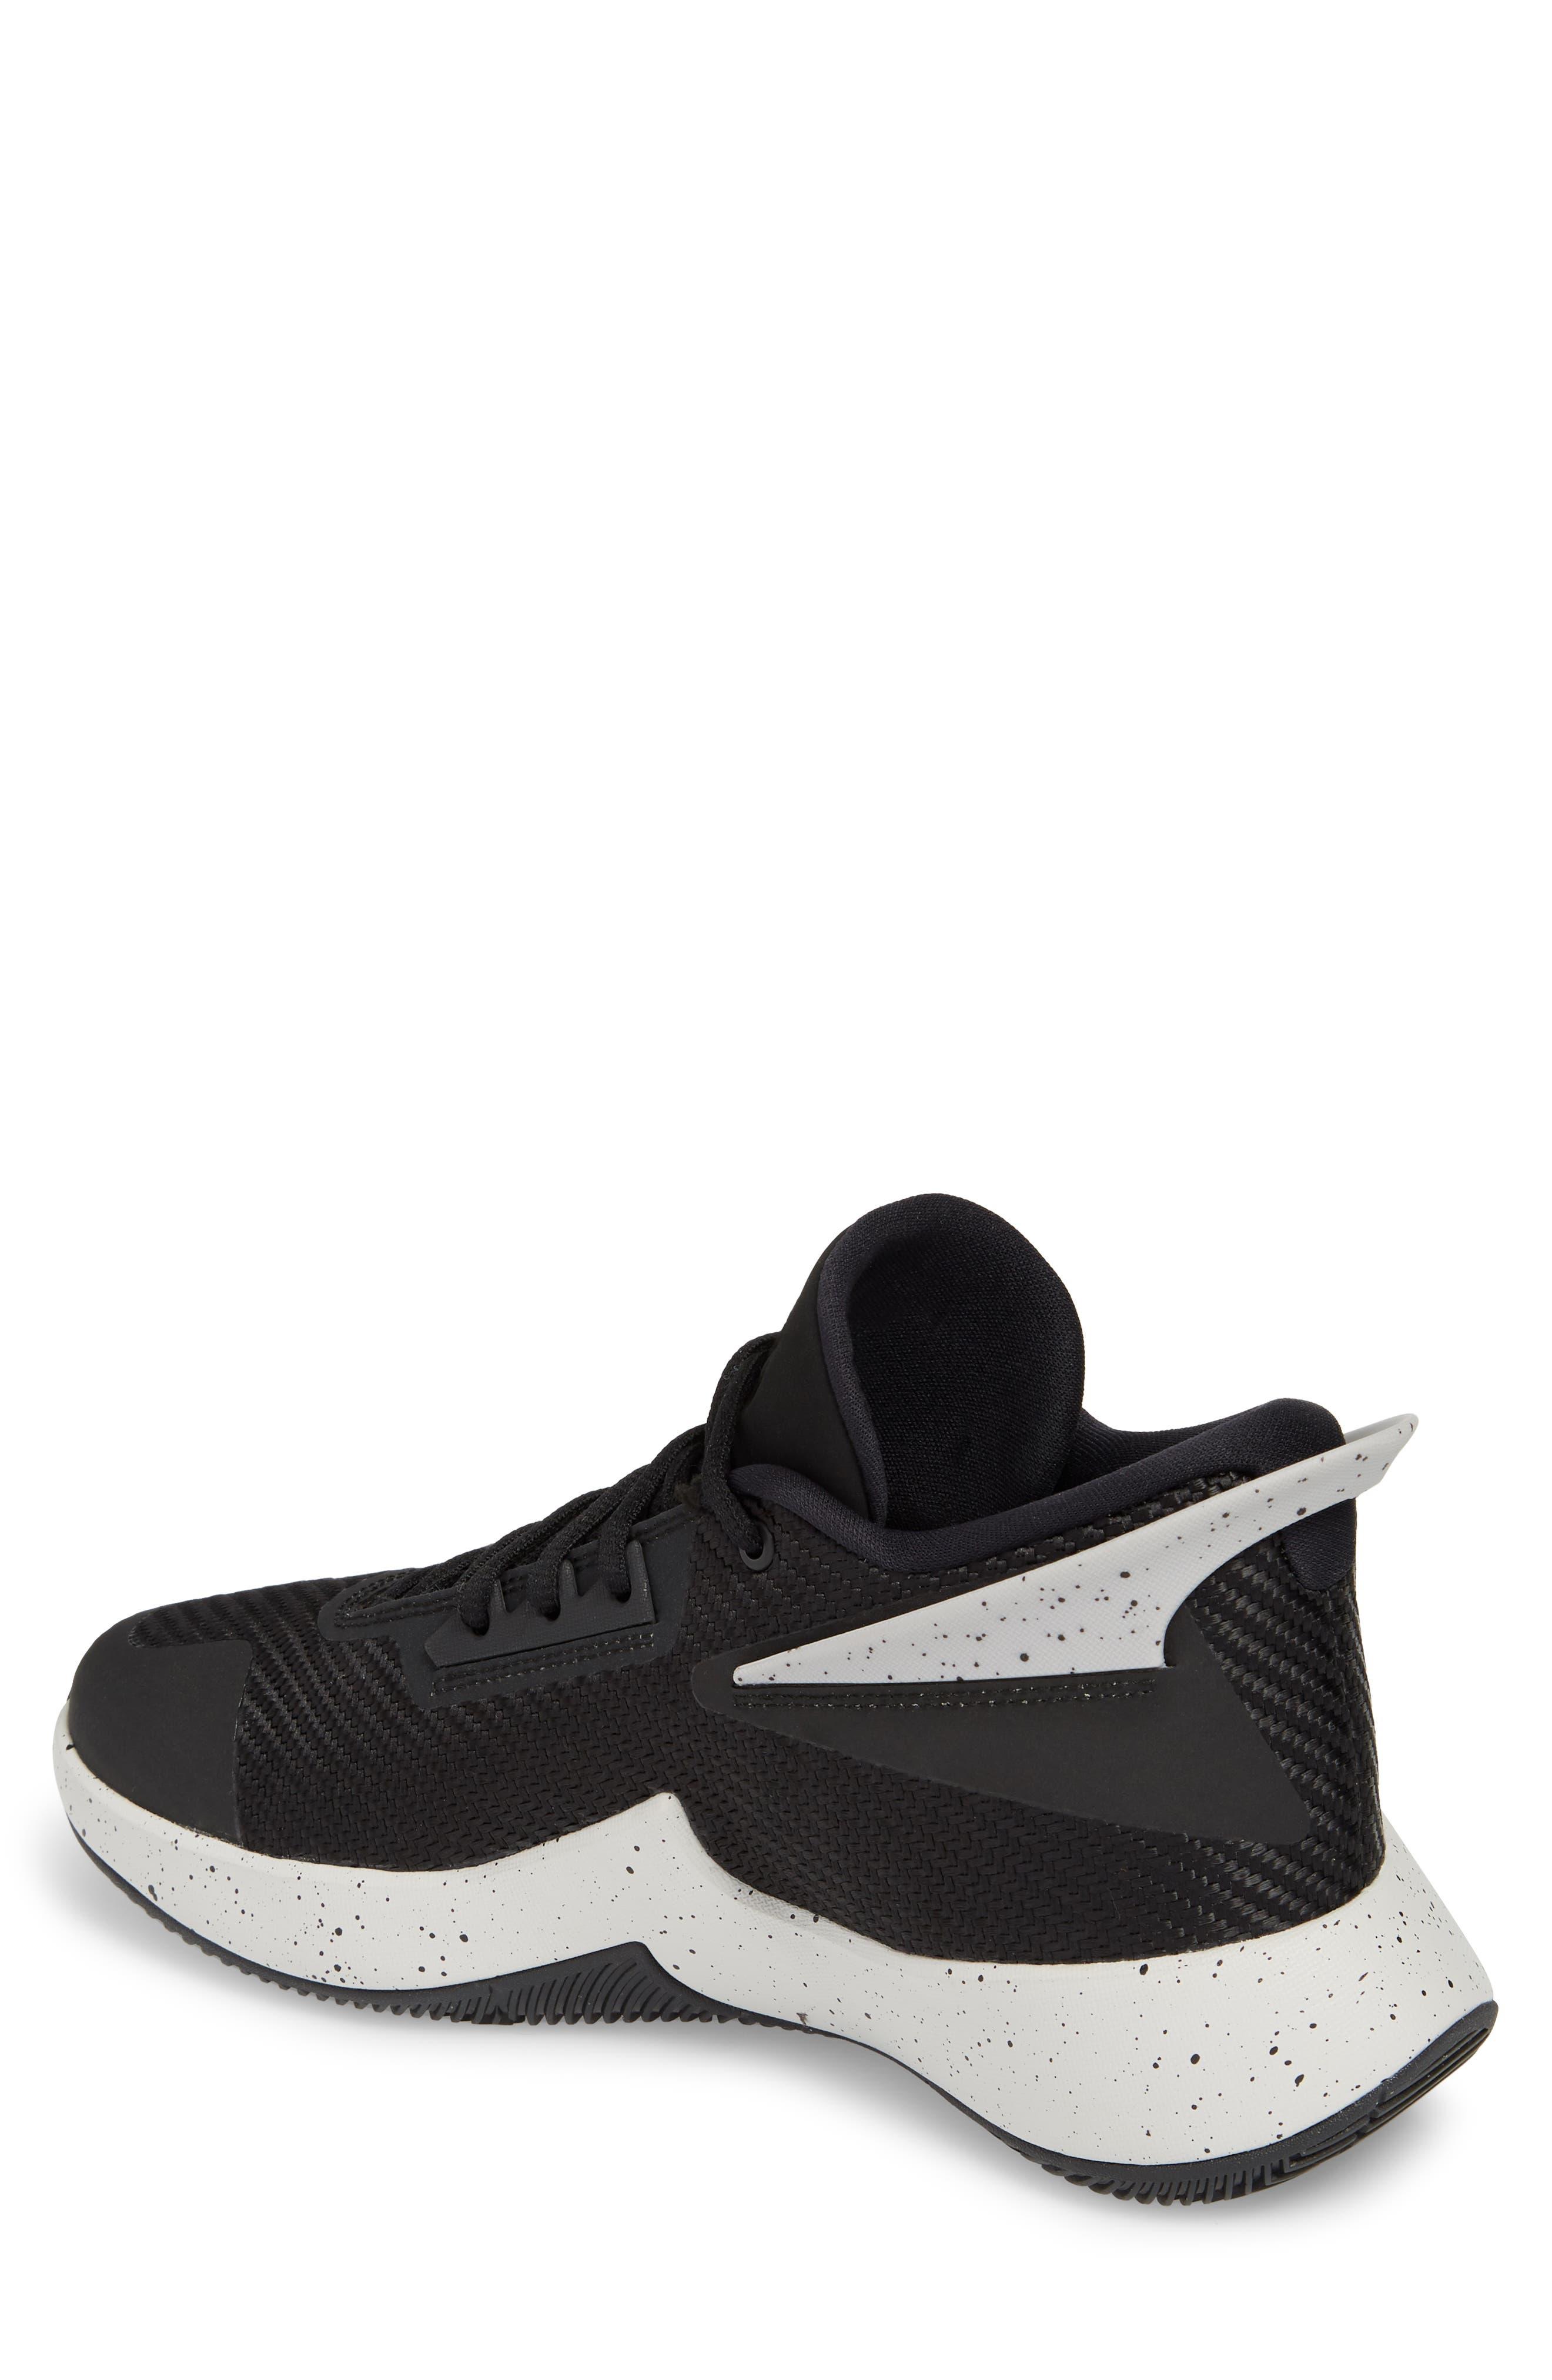 Jordan Fly Lockdown Sneaker,                             Alternate thumbnail 2, color,                             010